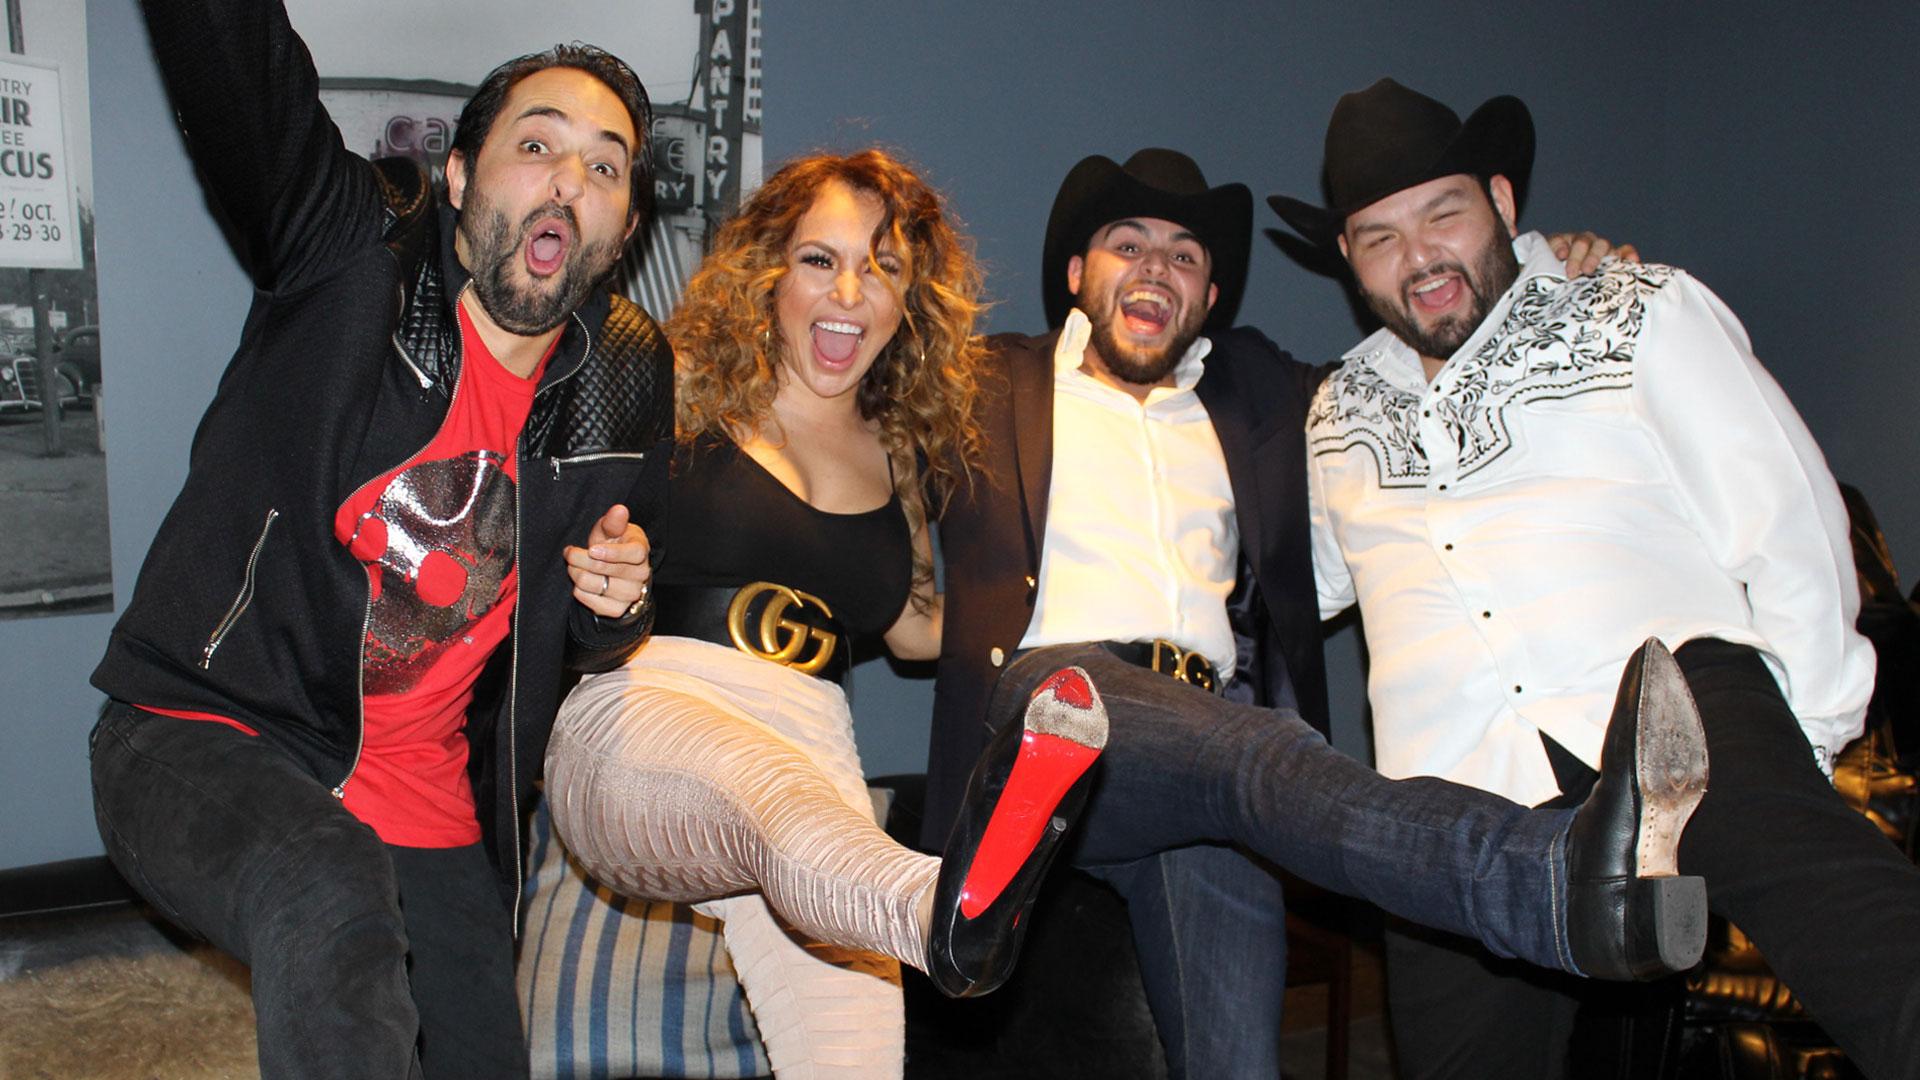 EN FOTOS: El Free-guey show estremeció Los Ángeles junto a Gerardo Ortíz, Regulo Caro y Ulices Chaidez